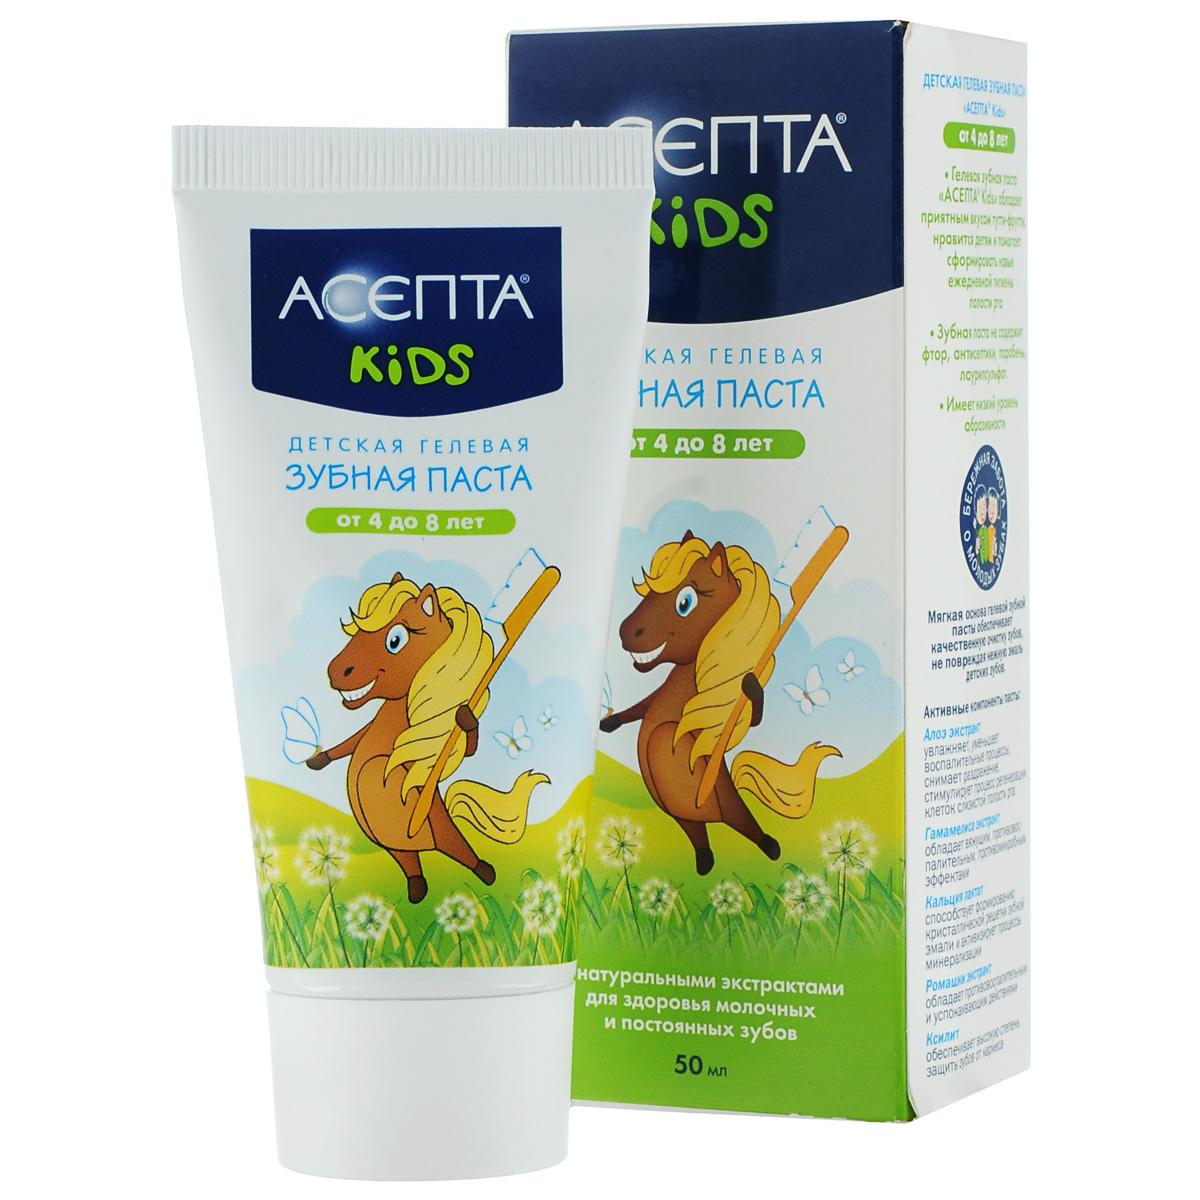 Асепта Зубная паста Kids, детская, 50 мл247089Детская гелевая зубная паста Асепта Kids разработана с учетом возрастных особенностей ребенка. Она предназначена для бережного ухода за полостью рта детей от 4 до 8 лет. Паста эффективно очищает зубы от налёта и остатков пищи, при этом не повреждает хрупкую эмаль молочных зубов благодаря своей мягкой основе. Экстракты ромашки, алоэ и гамамелиса благоприятно воздействуют на полость рта и оказывают противовоспалительный, успокаивающий, смягчающий и увлажняющий эффекты на десны. Защищает зубы от кариесогенных бактерий за счет высокого содержания ксилита. Паста имеет приятный фруктовый вкус, который обязательно понравится детям. Безопасна при случайном проглатывании. Для регулярного ежедневного применения. Товар сертифицирован.